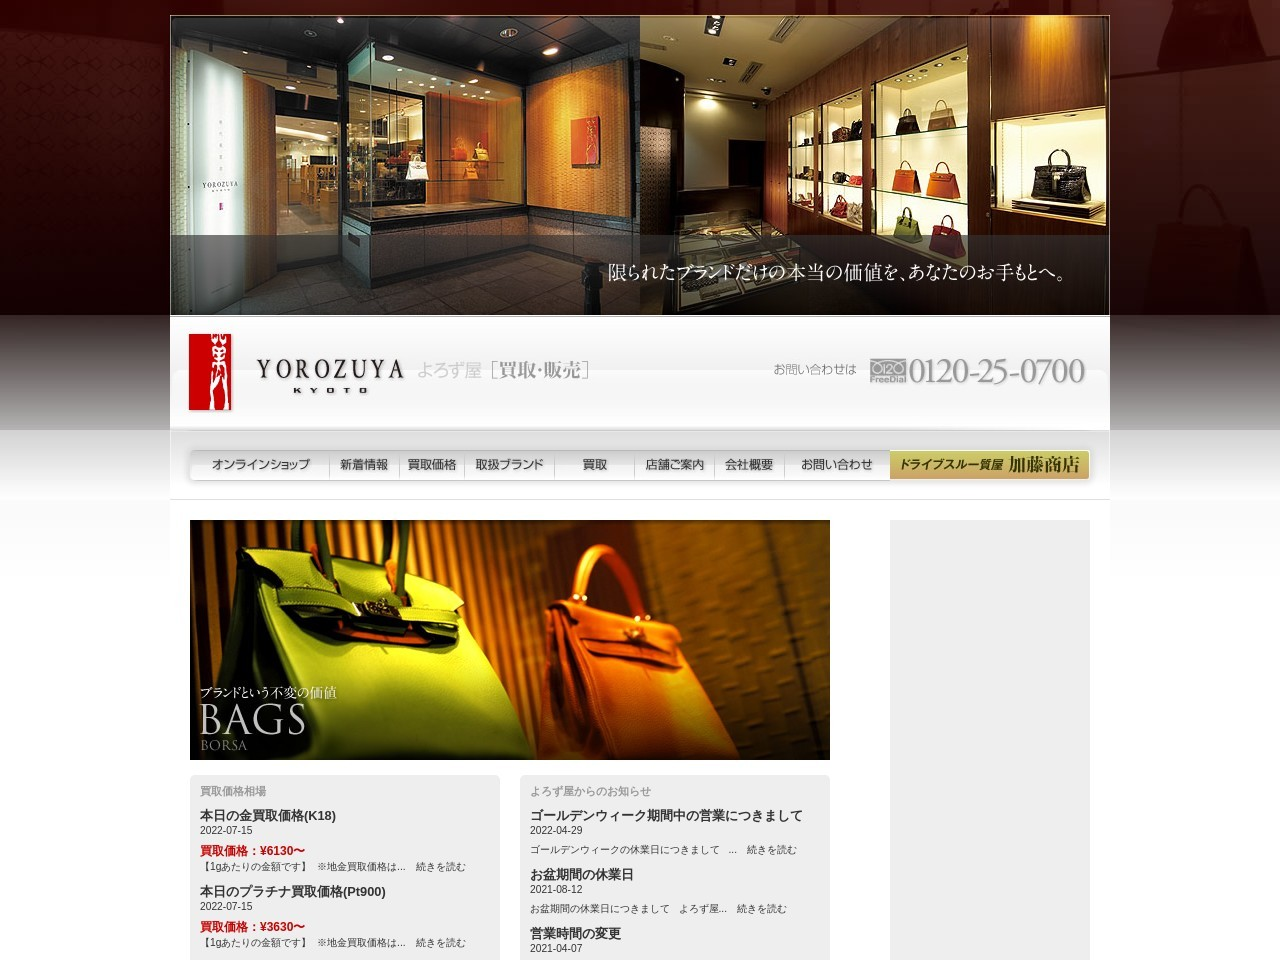 よろず屋京都 - YOROZUYA KYOTO[ブランド品買取・販売]|限られたブランドだけの本当の価値を、あなたのお手もとへ